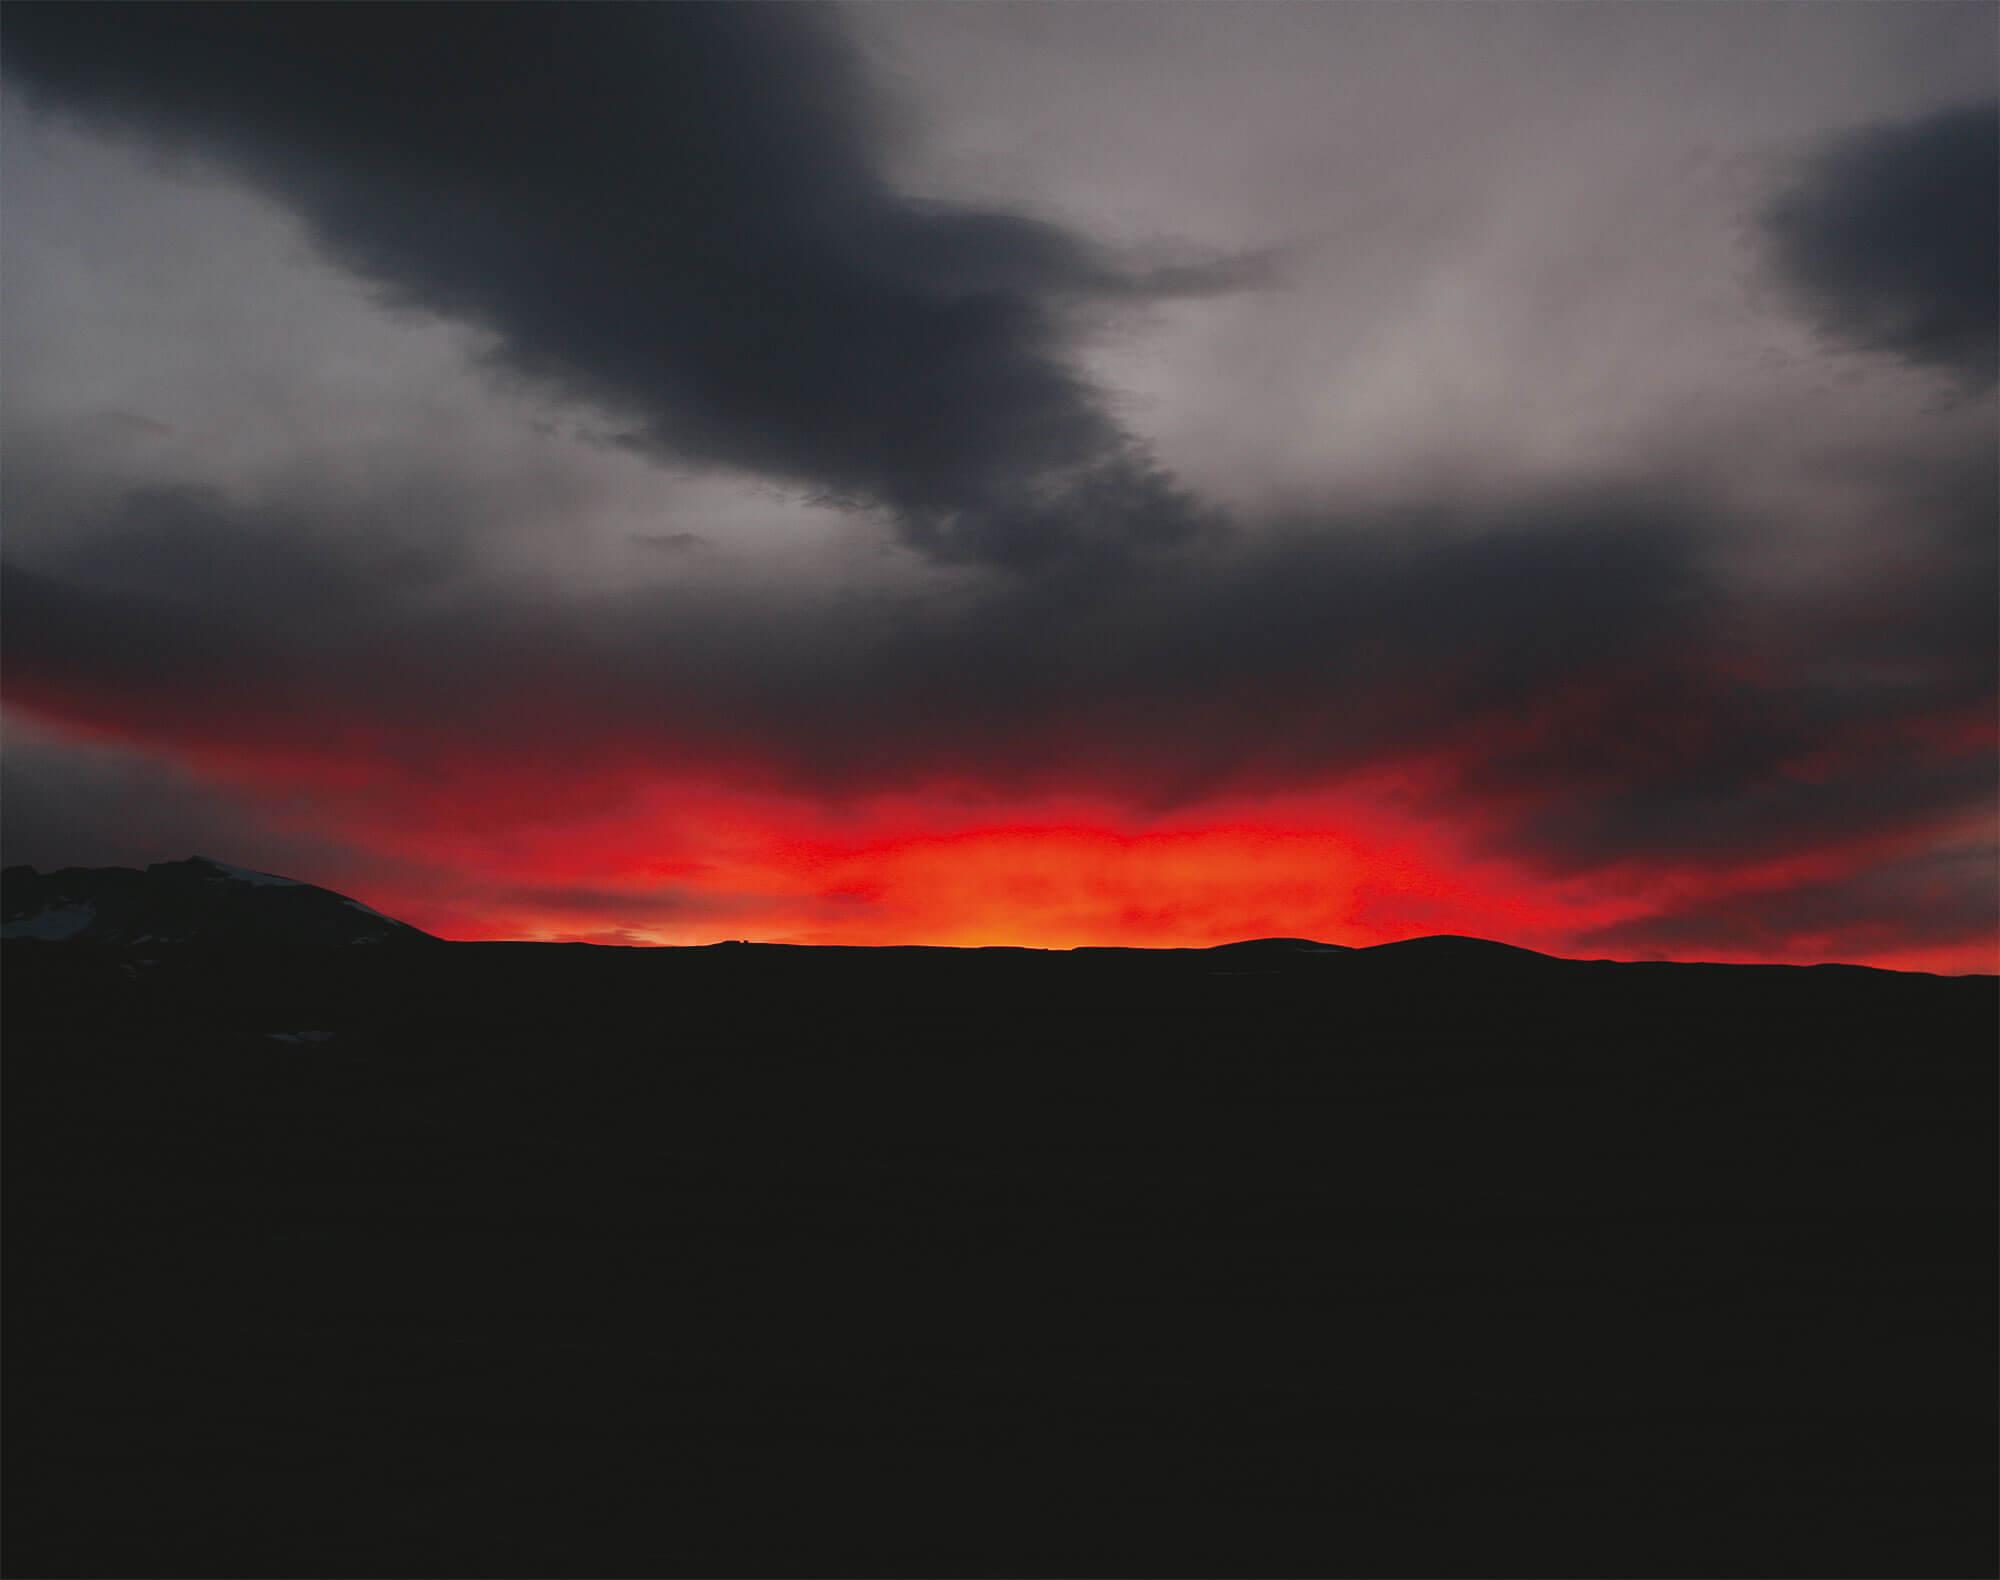 Ciel rouge photo